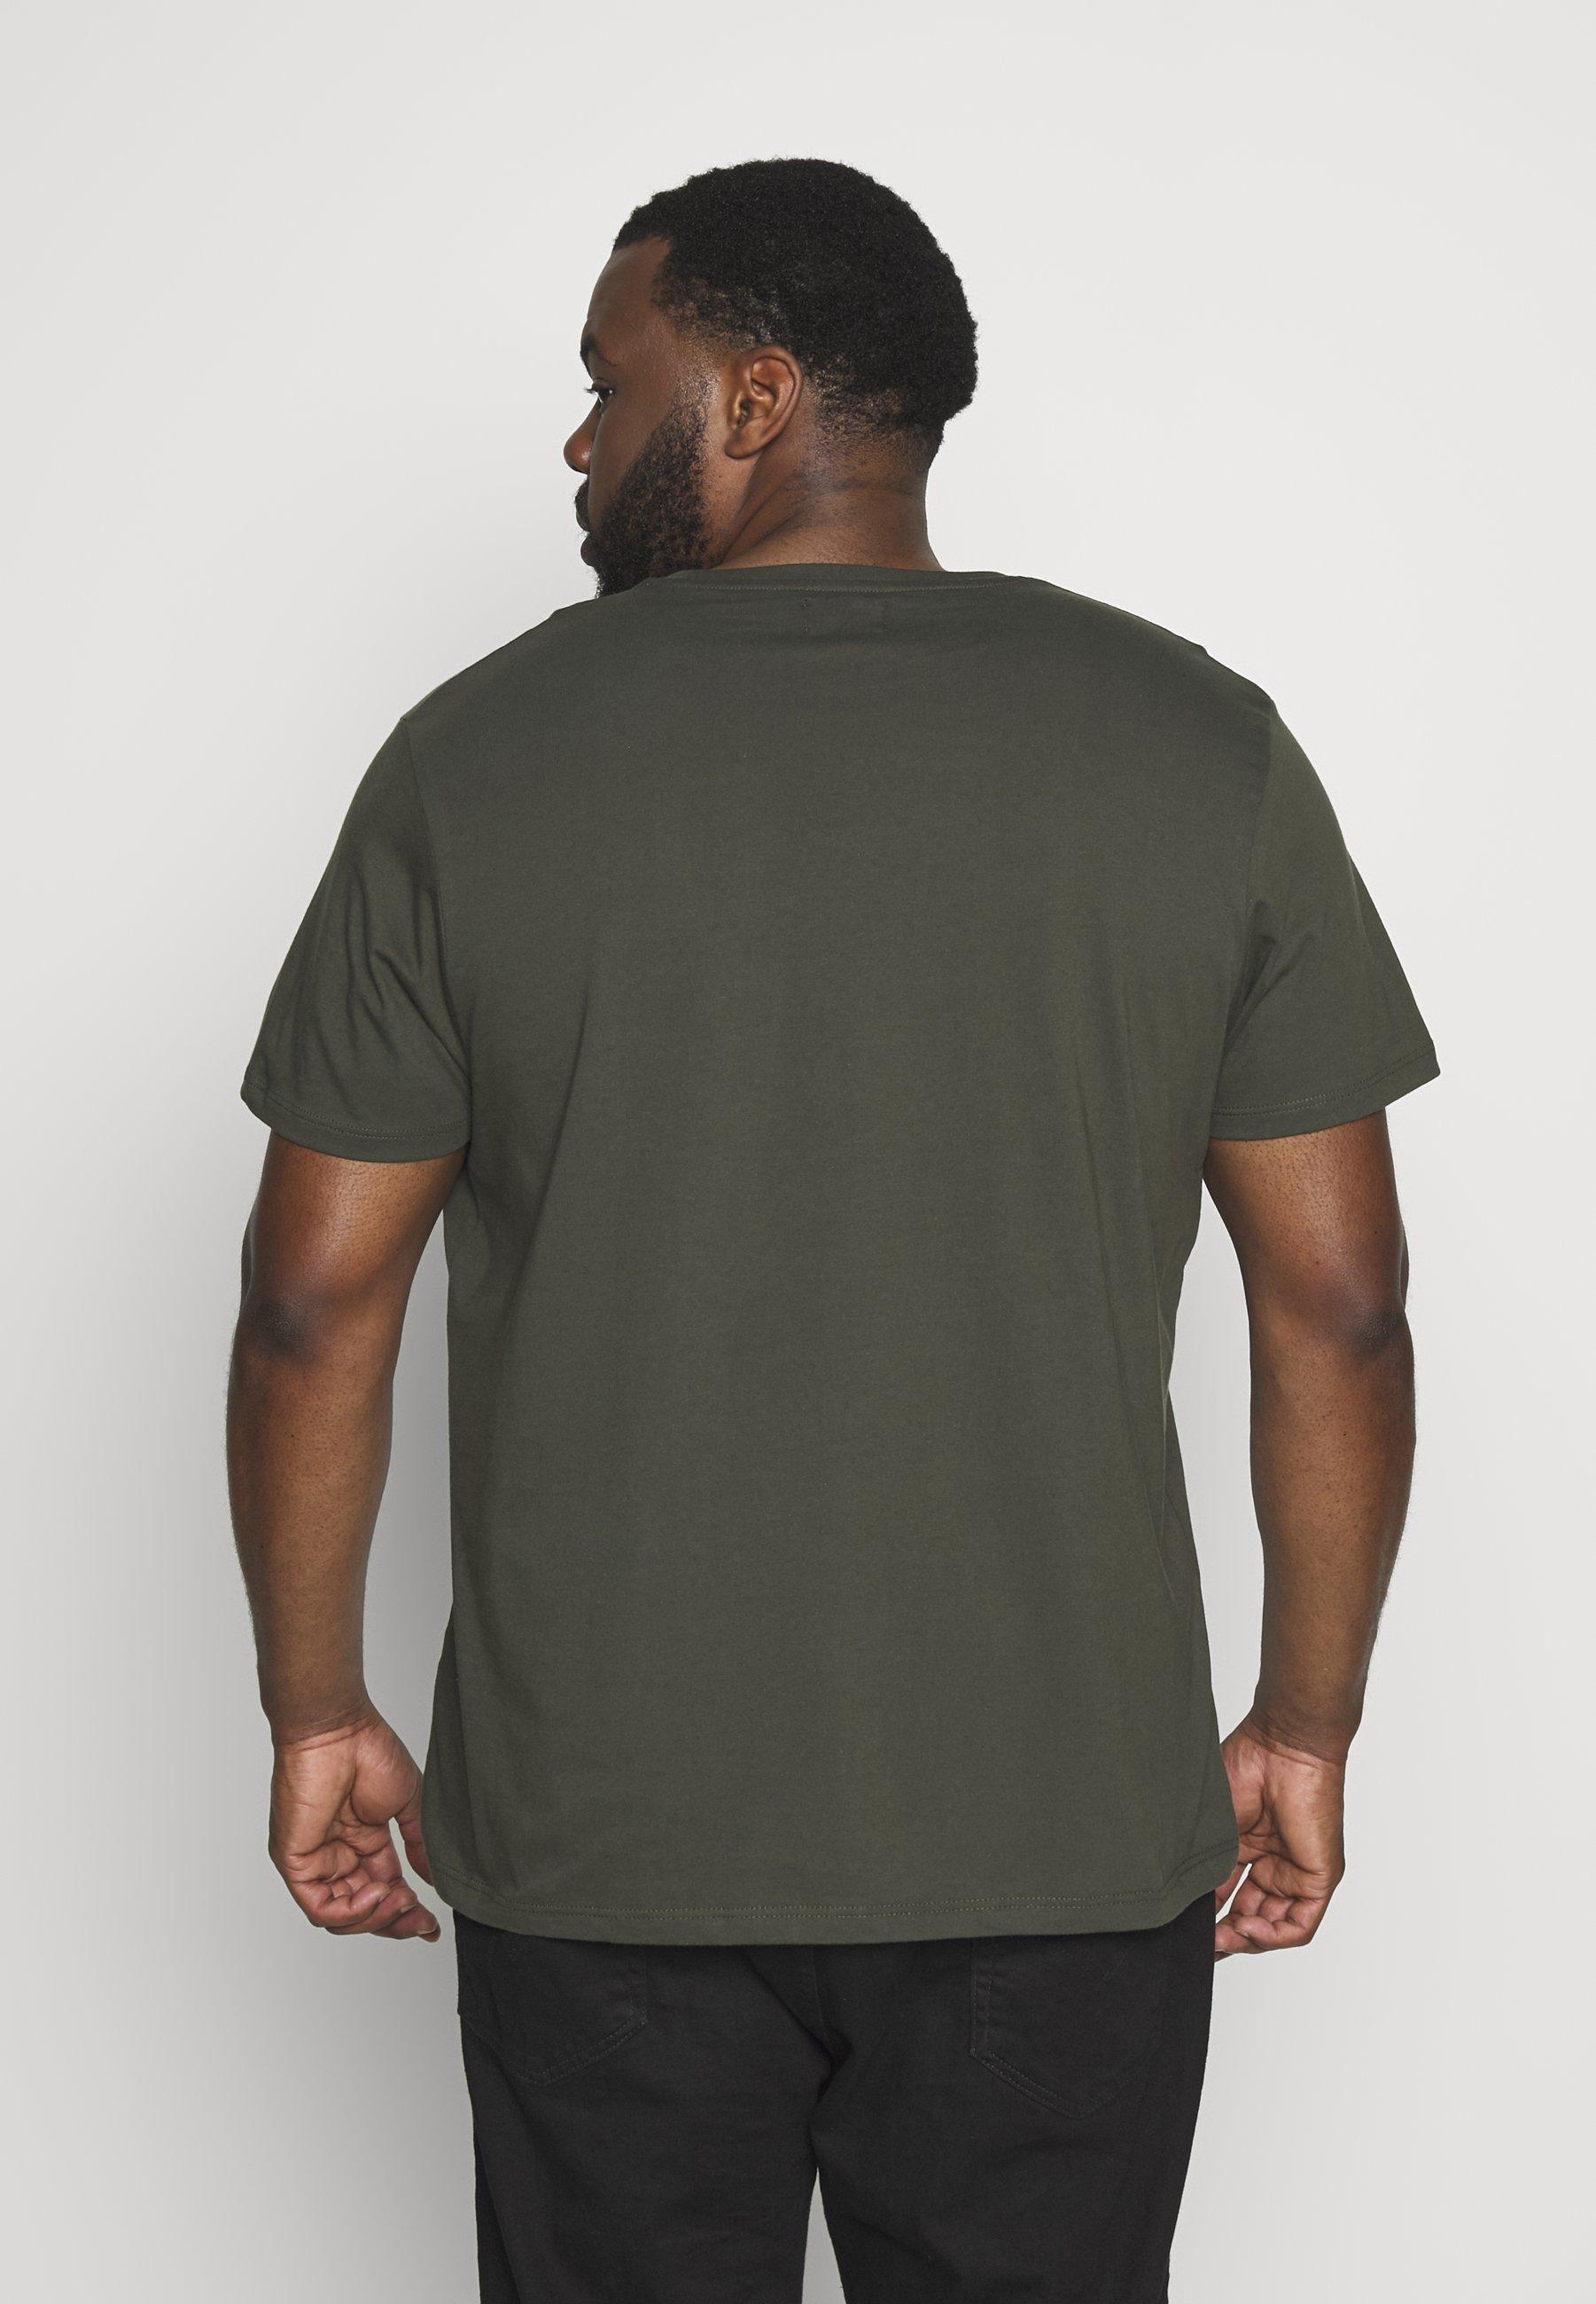 Topman CLASSIC 3 PACK - Basic T-shirt - white/khaki/tan xB1p5